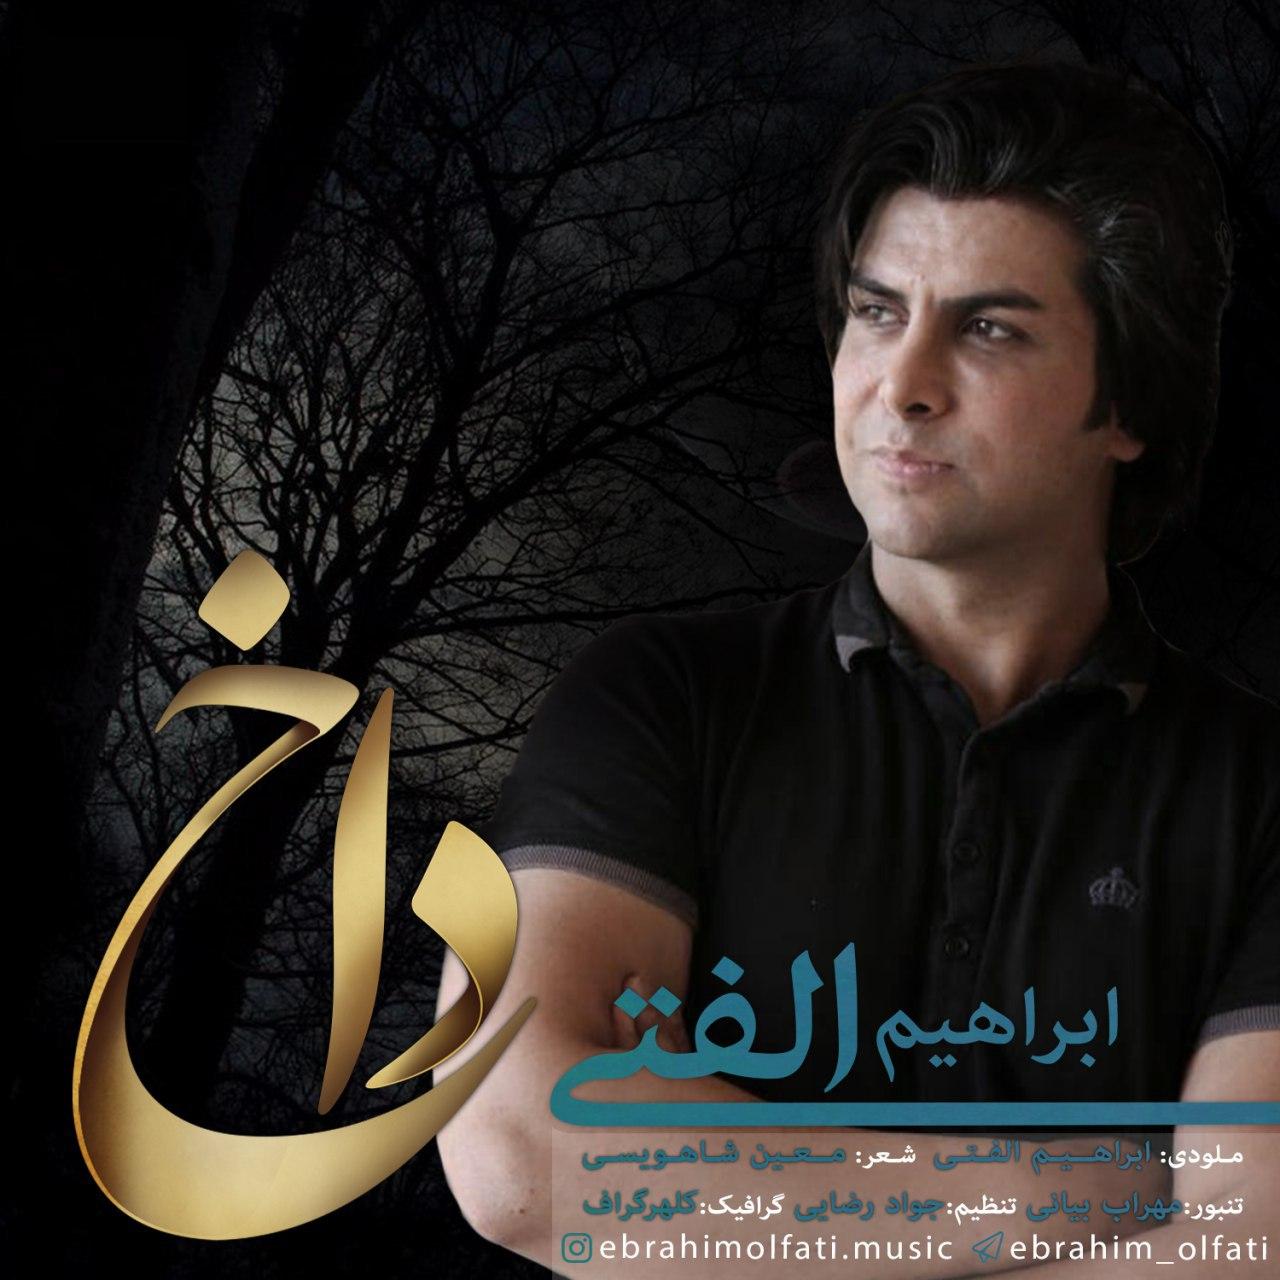 دانلود آهنگ جدید ابراهیم الفتی به نام داخ